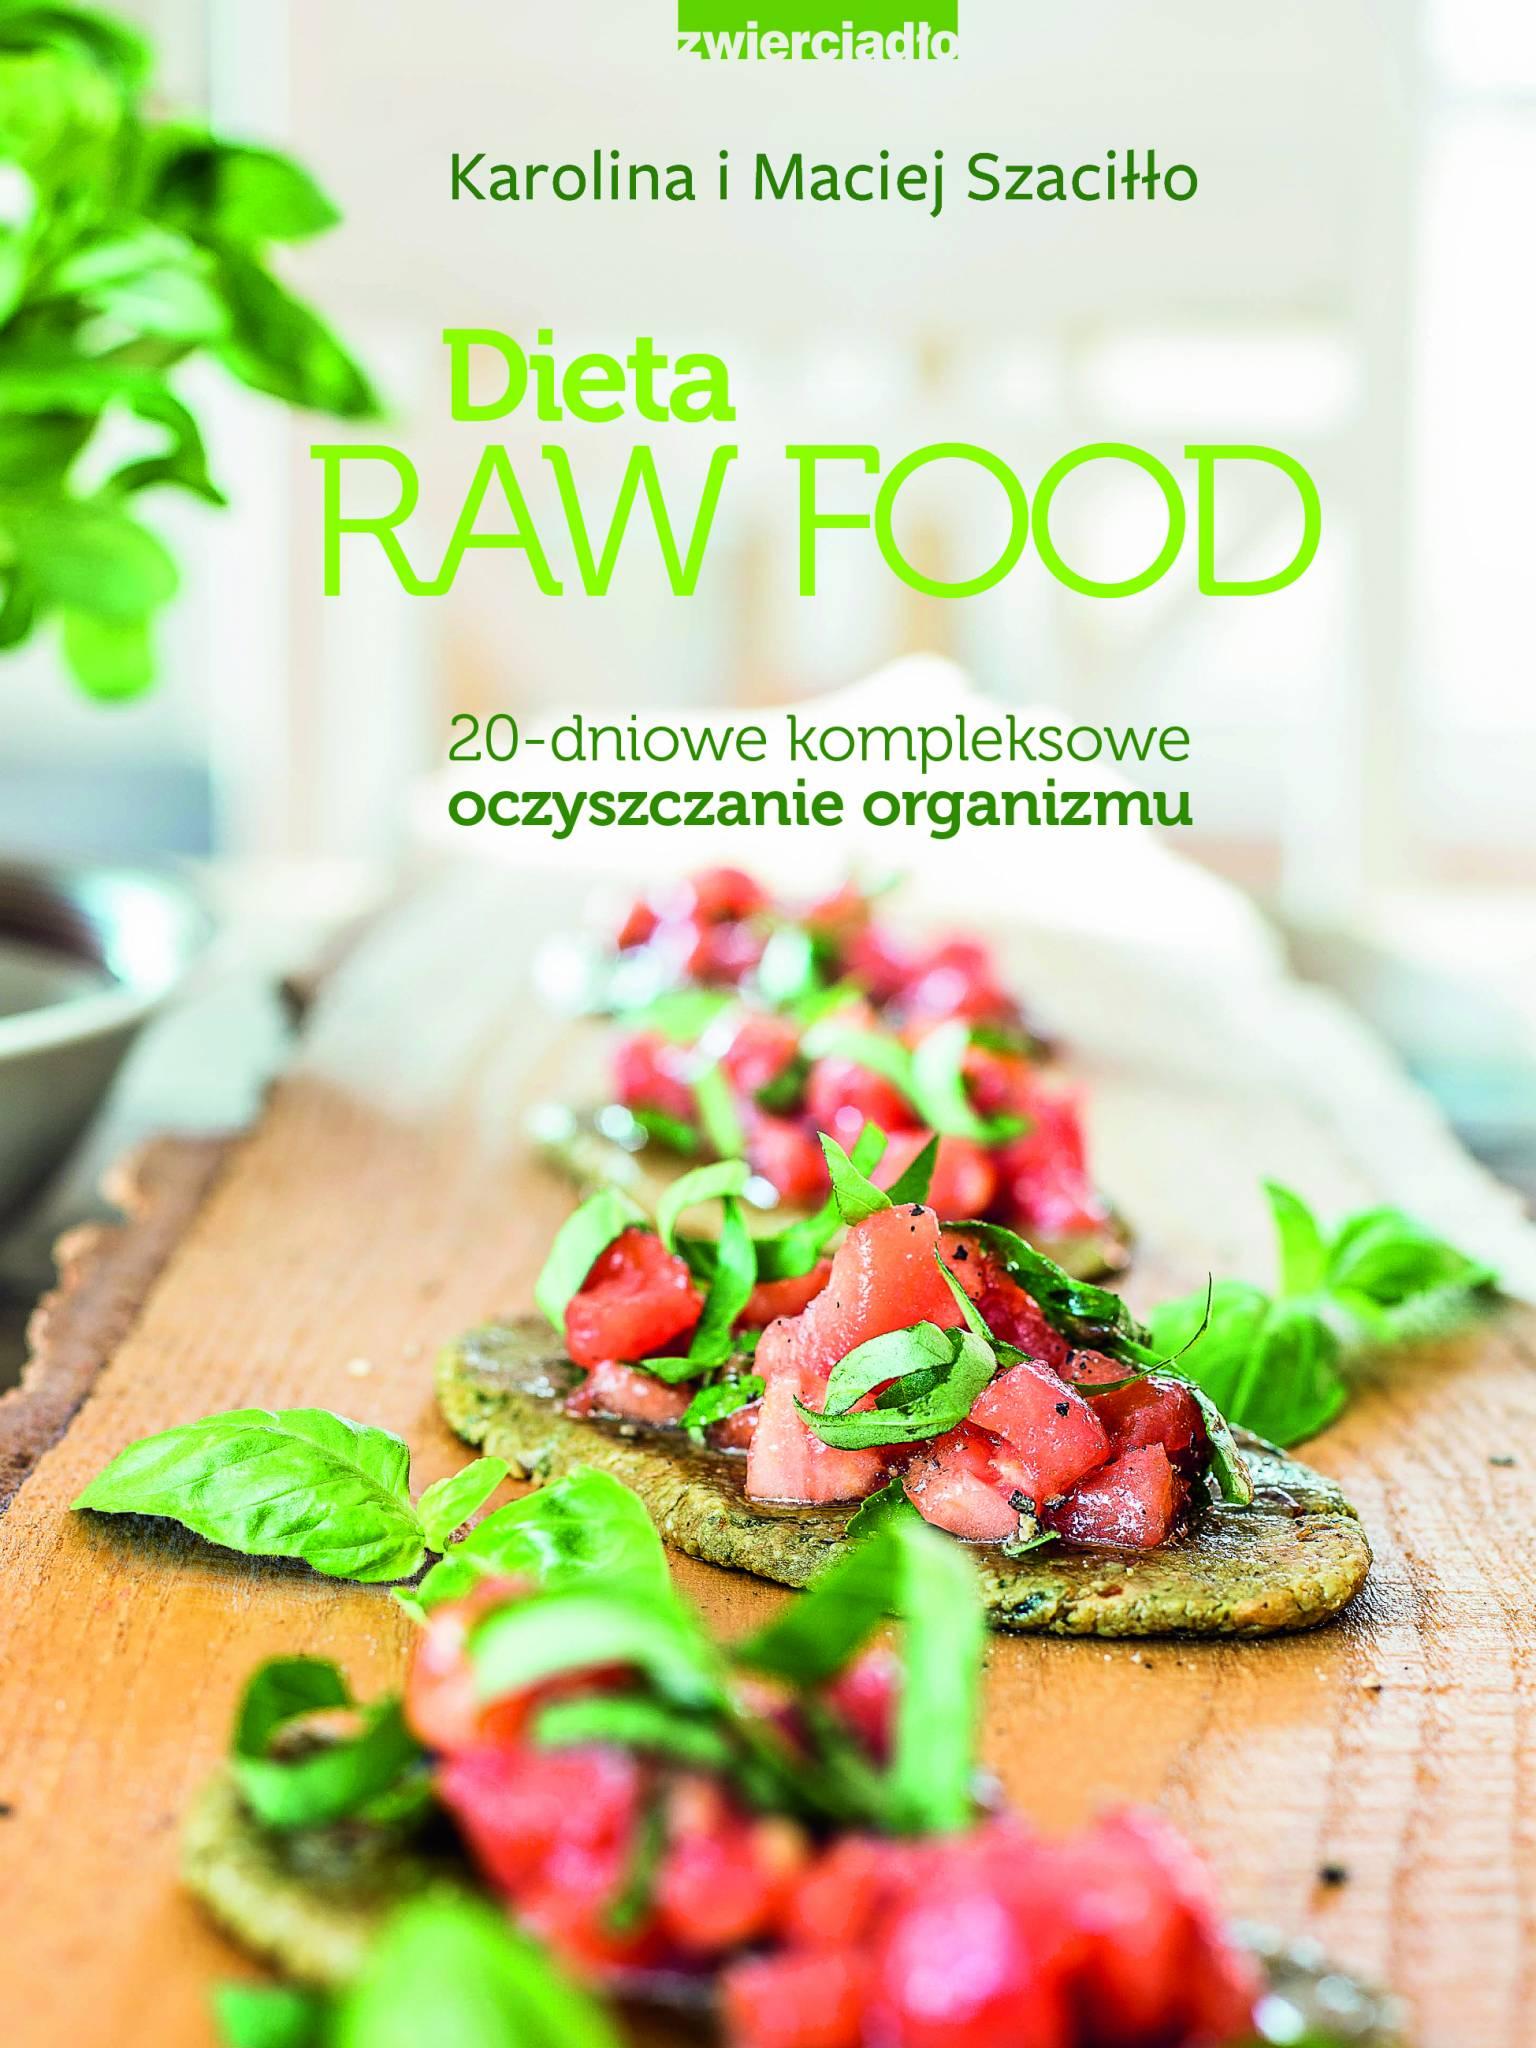 Odśwież organizm kolorowo i surowo: Dieta Raw Food na wiosnę